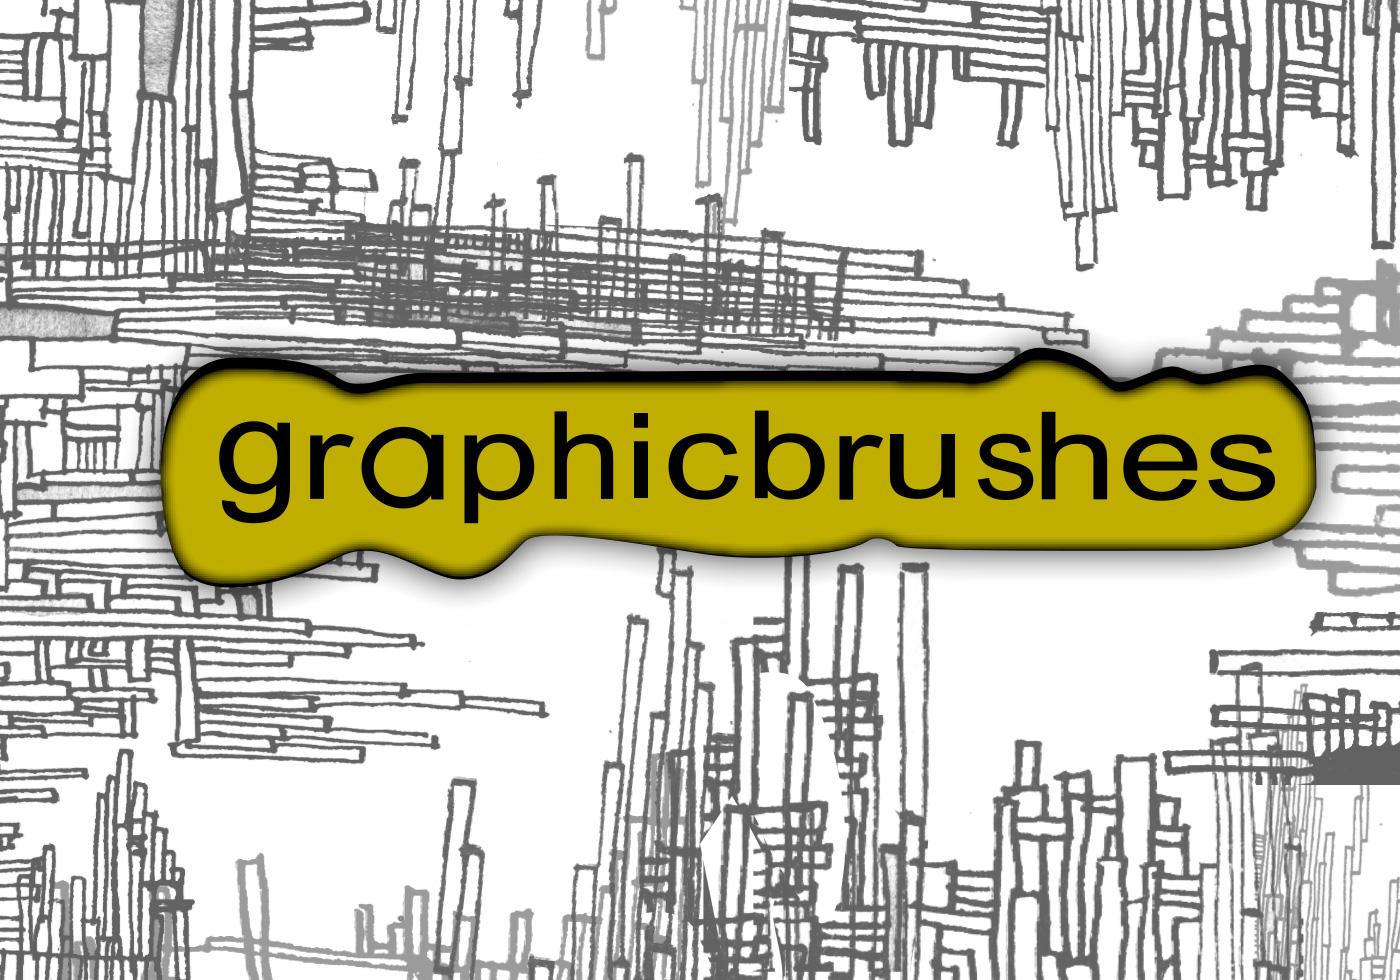 graphik brushes - Free Photoshop Brushes at Brusheezy!